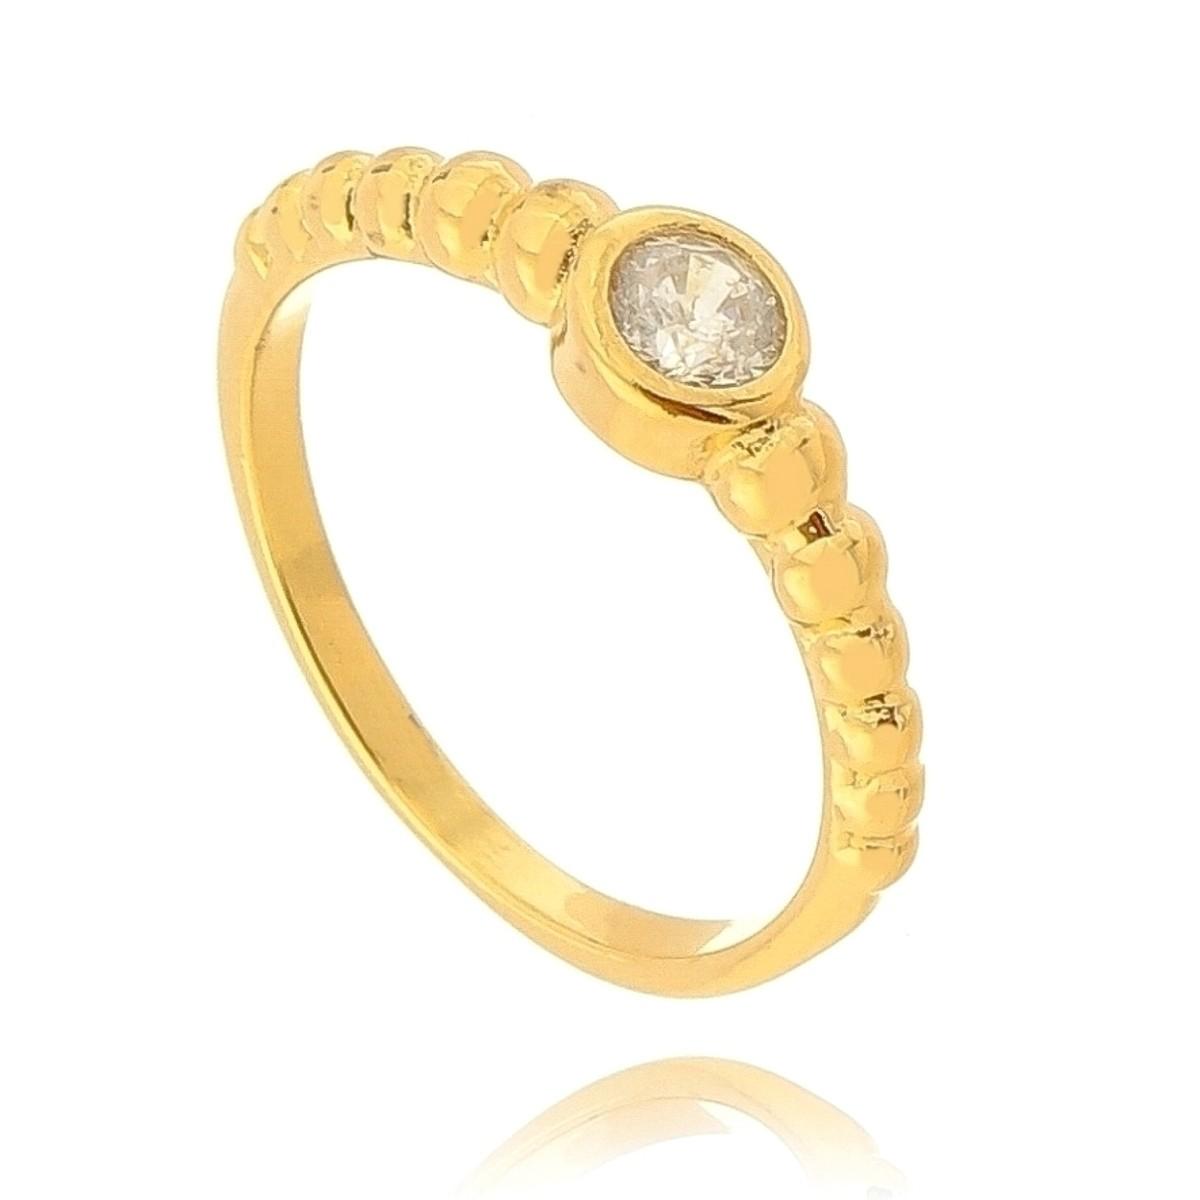 Anel Falange Ponto de Luz de Zircônia Branca Semijoia em Ouro 18K  - Soloyou